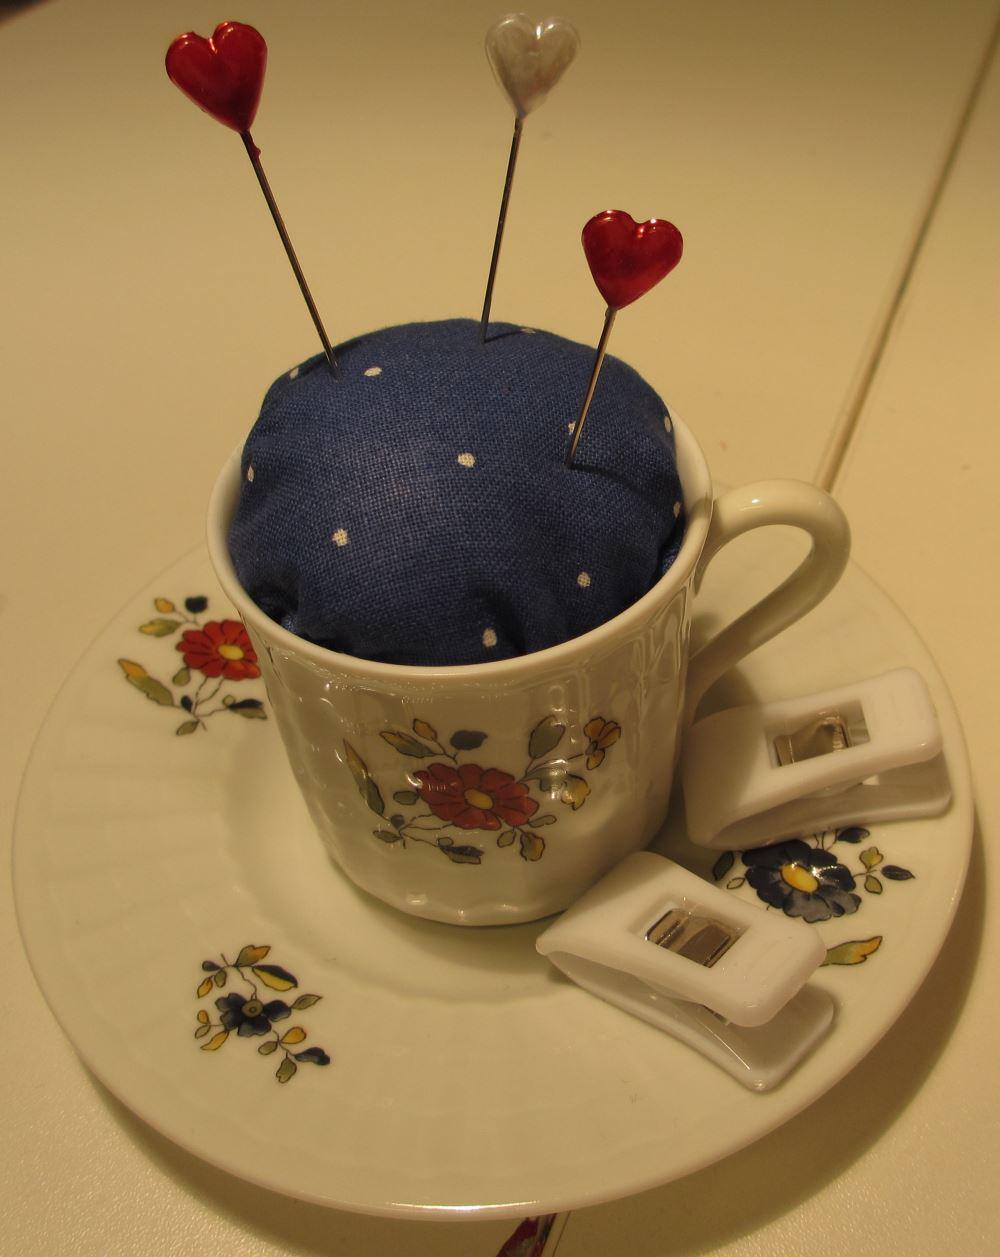 Kleine Tasse wird zu Nadelkissen. Auf der Untertasse können Kleinigkeiten abgelegt werden.